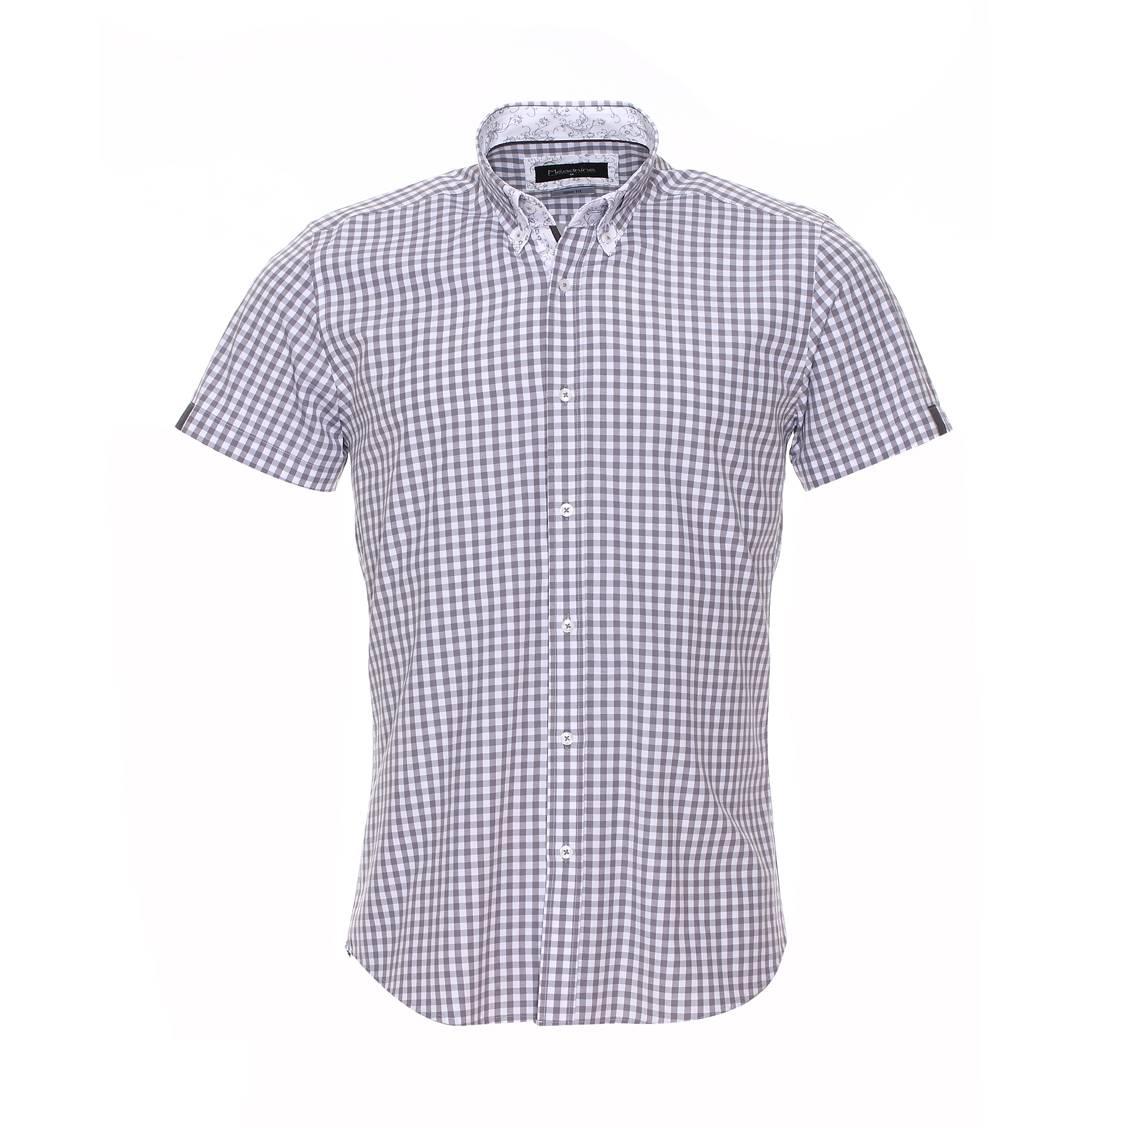 Chemise cintrée à manches courtes  vichy gris clair et blanc à opposition blanche à motifs